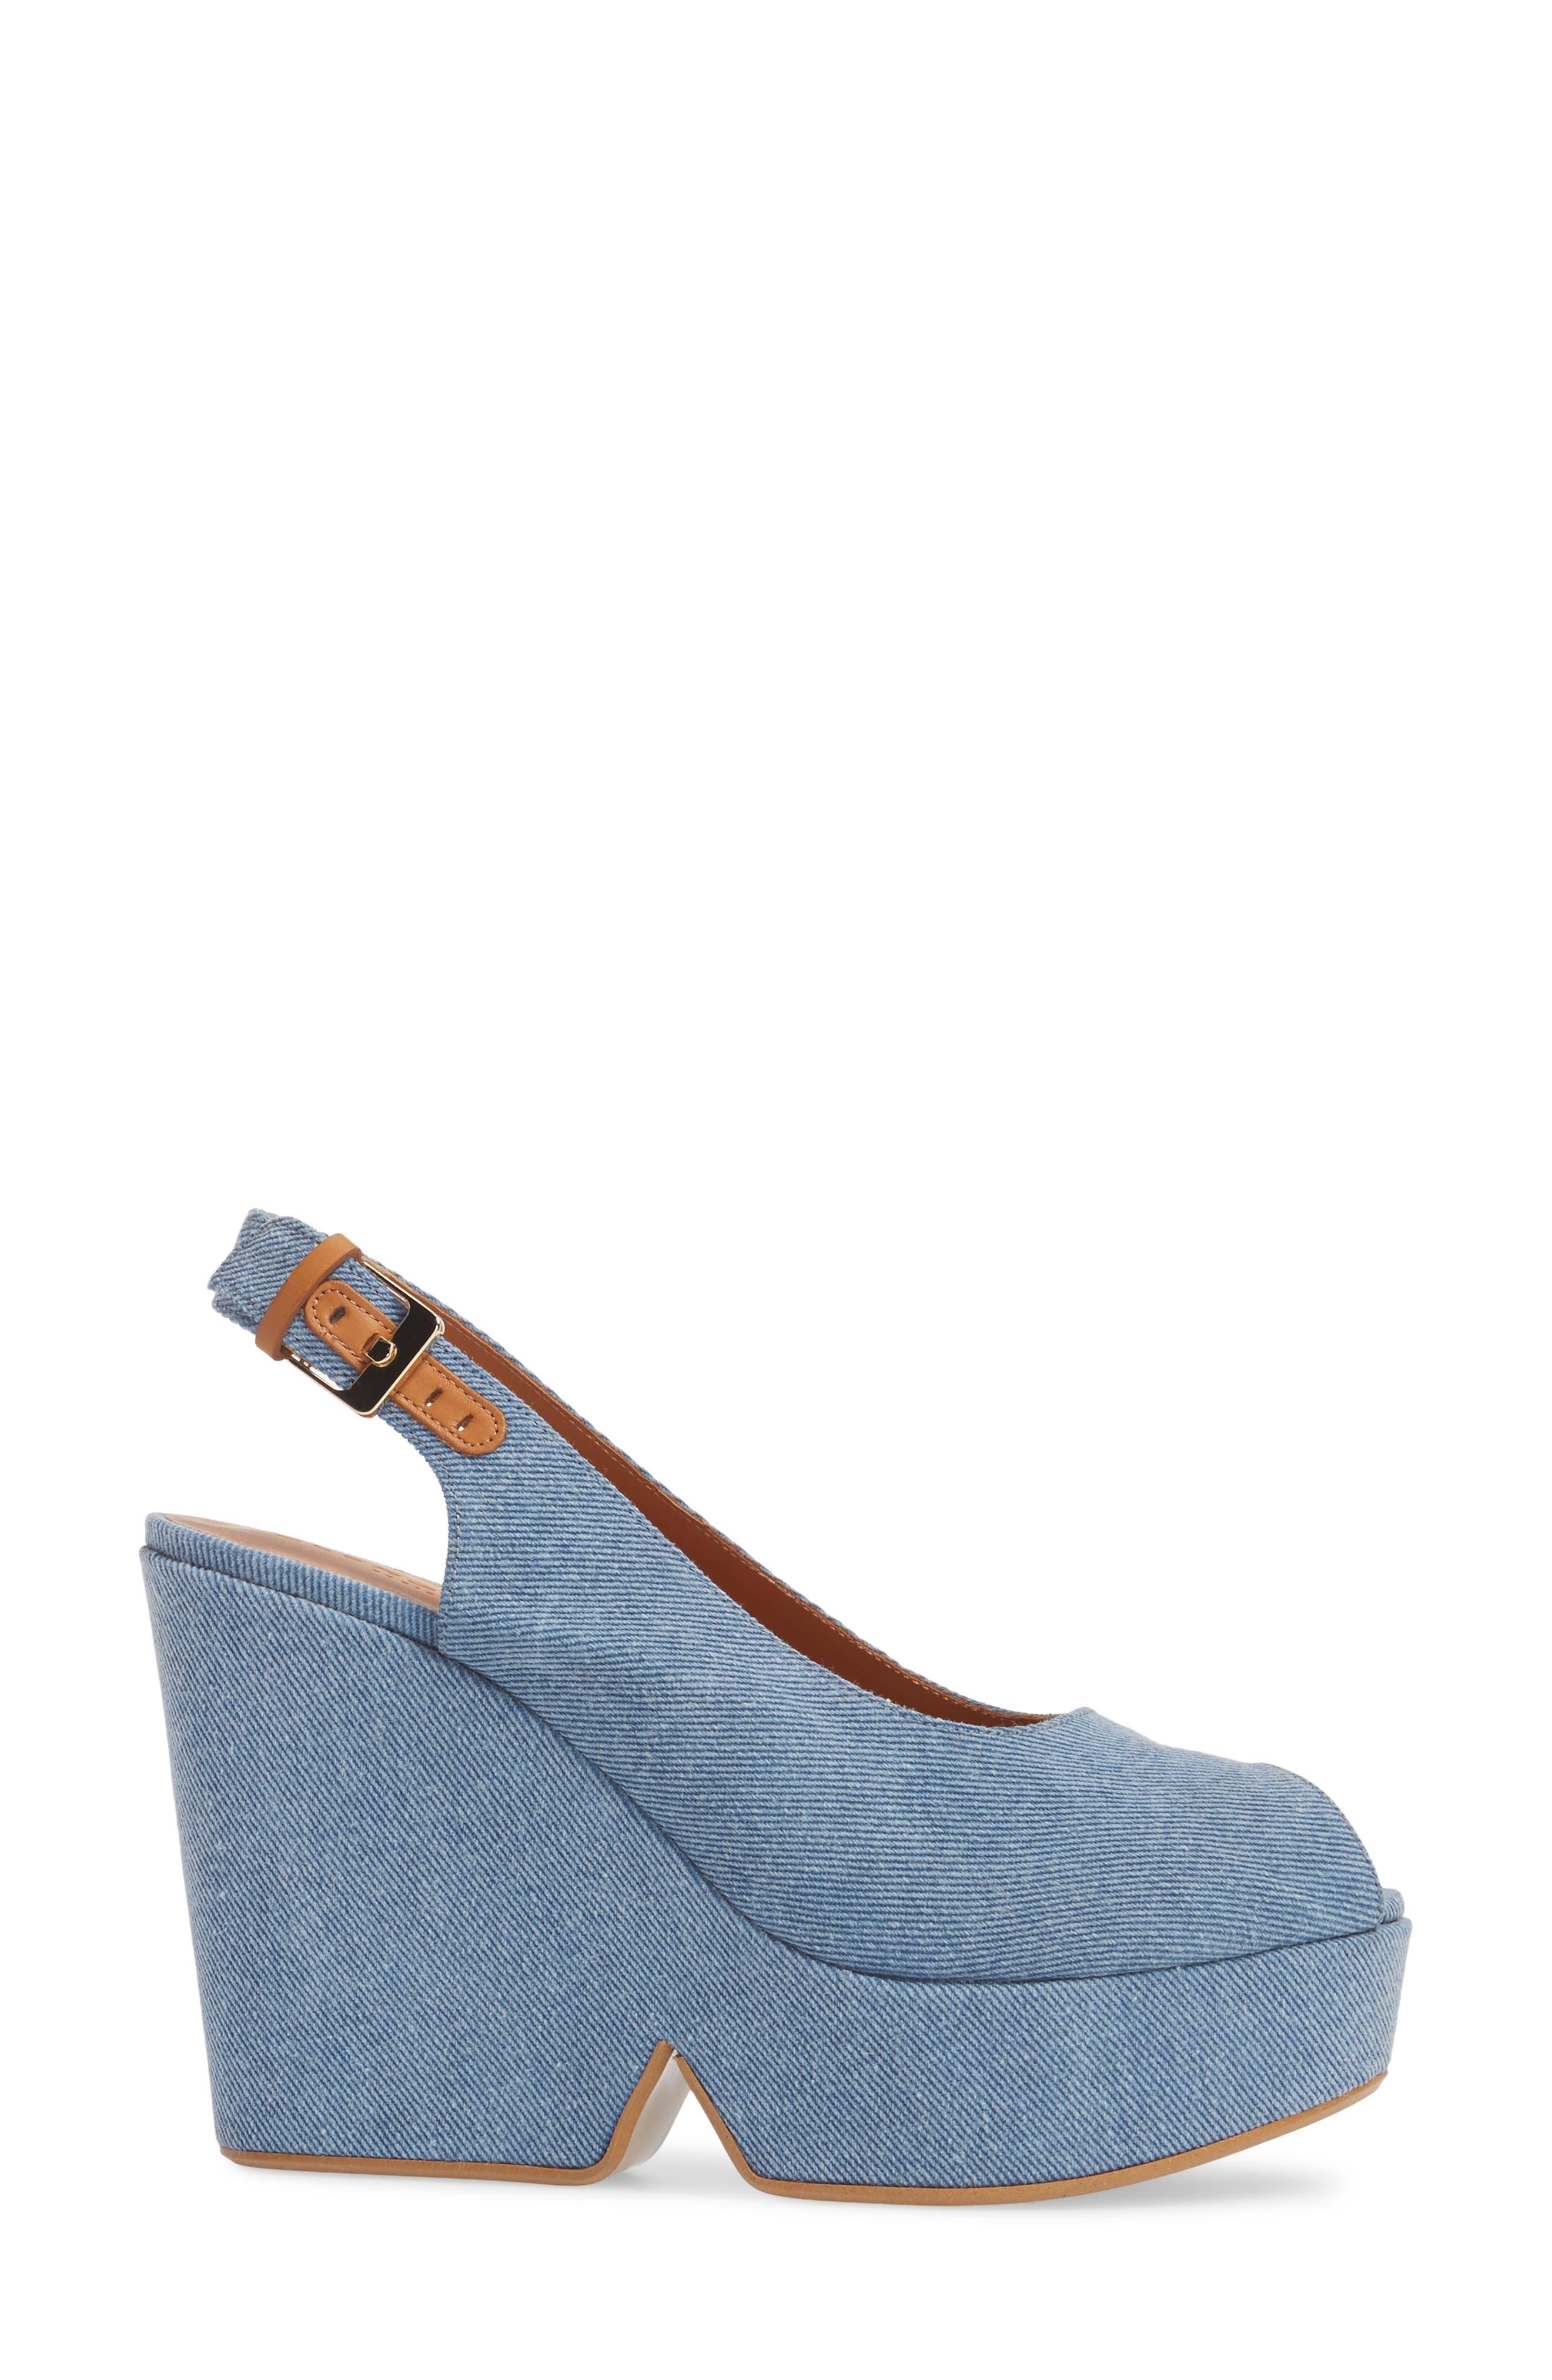 Dylanto Platform Wedge Sandal,                             Alternate thumbnail 3, color,                             400